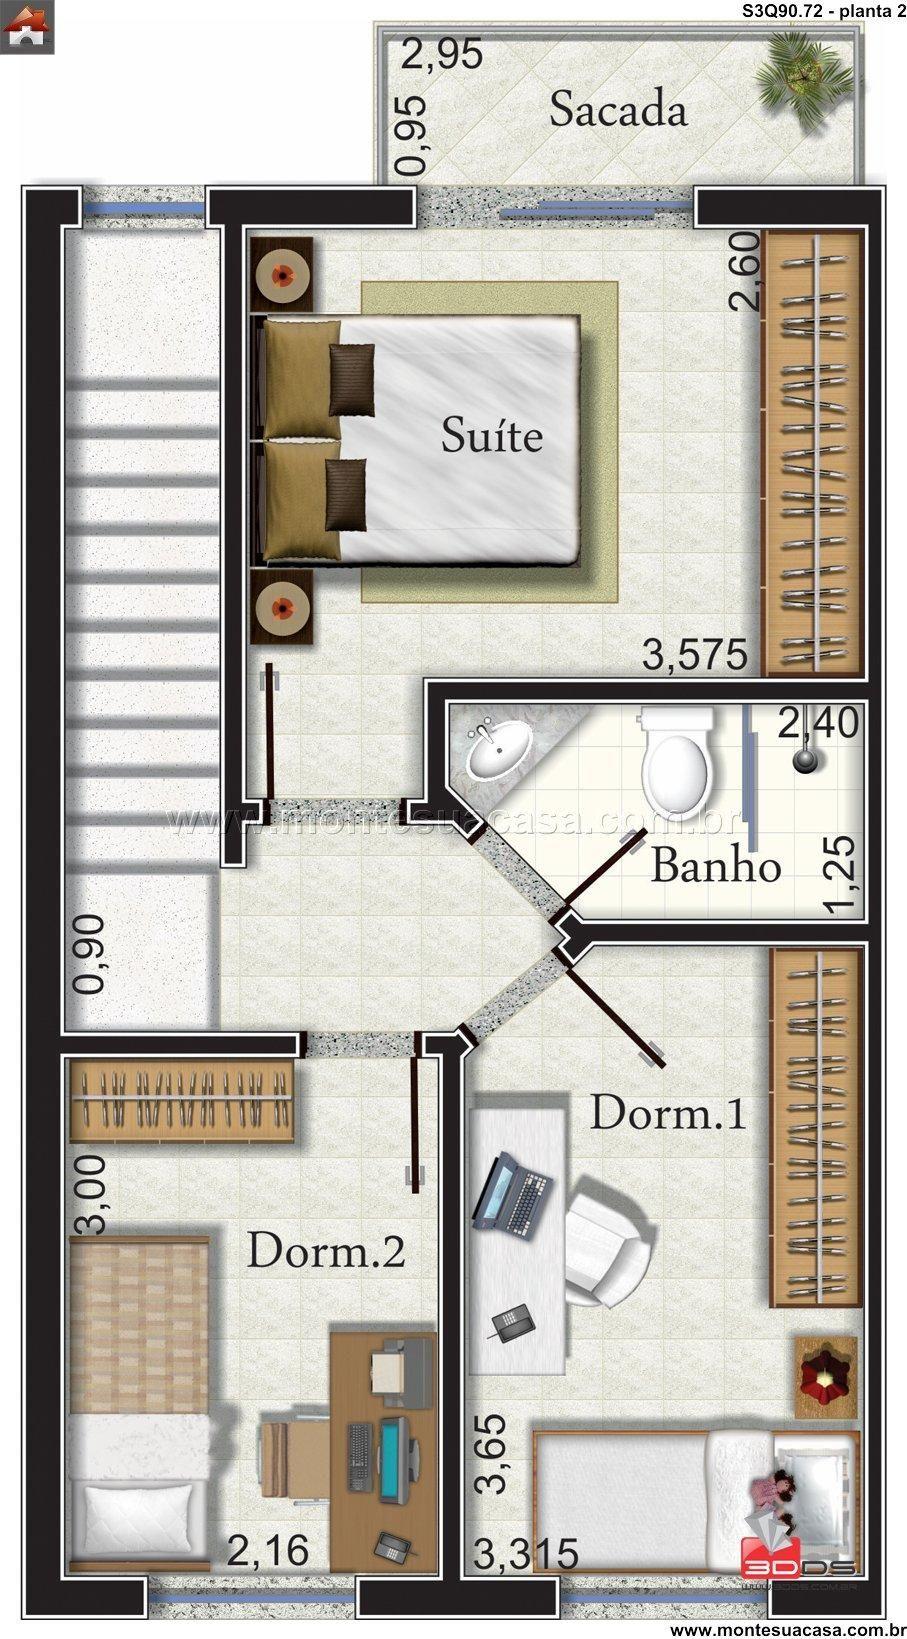 Sobrado 3 quartos construindo pinterest for Planos de casas economicas